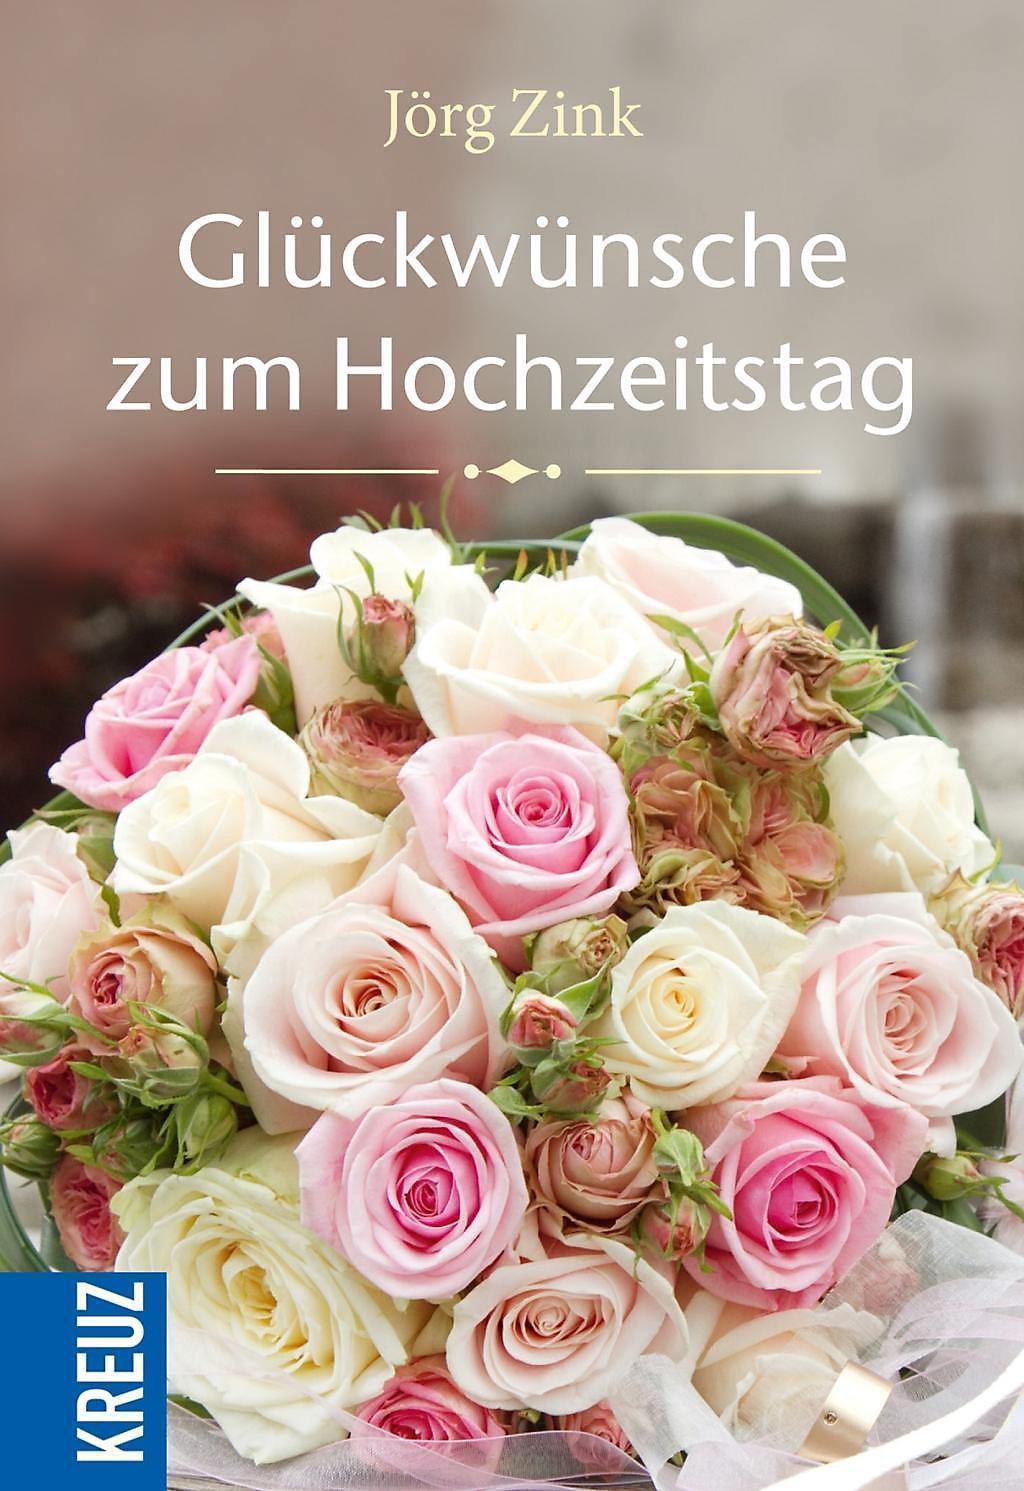 Glückwünsche Zum Hochzeitstag Buch Bei Weltbildde Bestellen